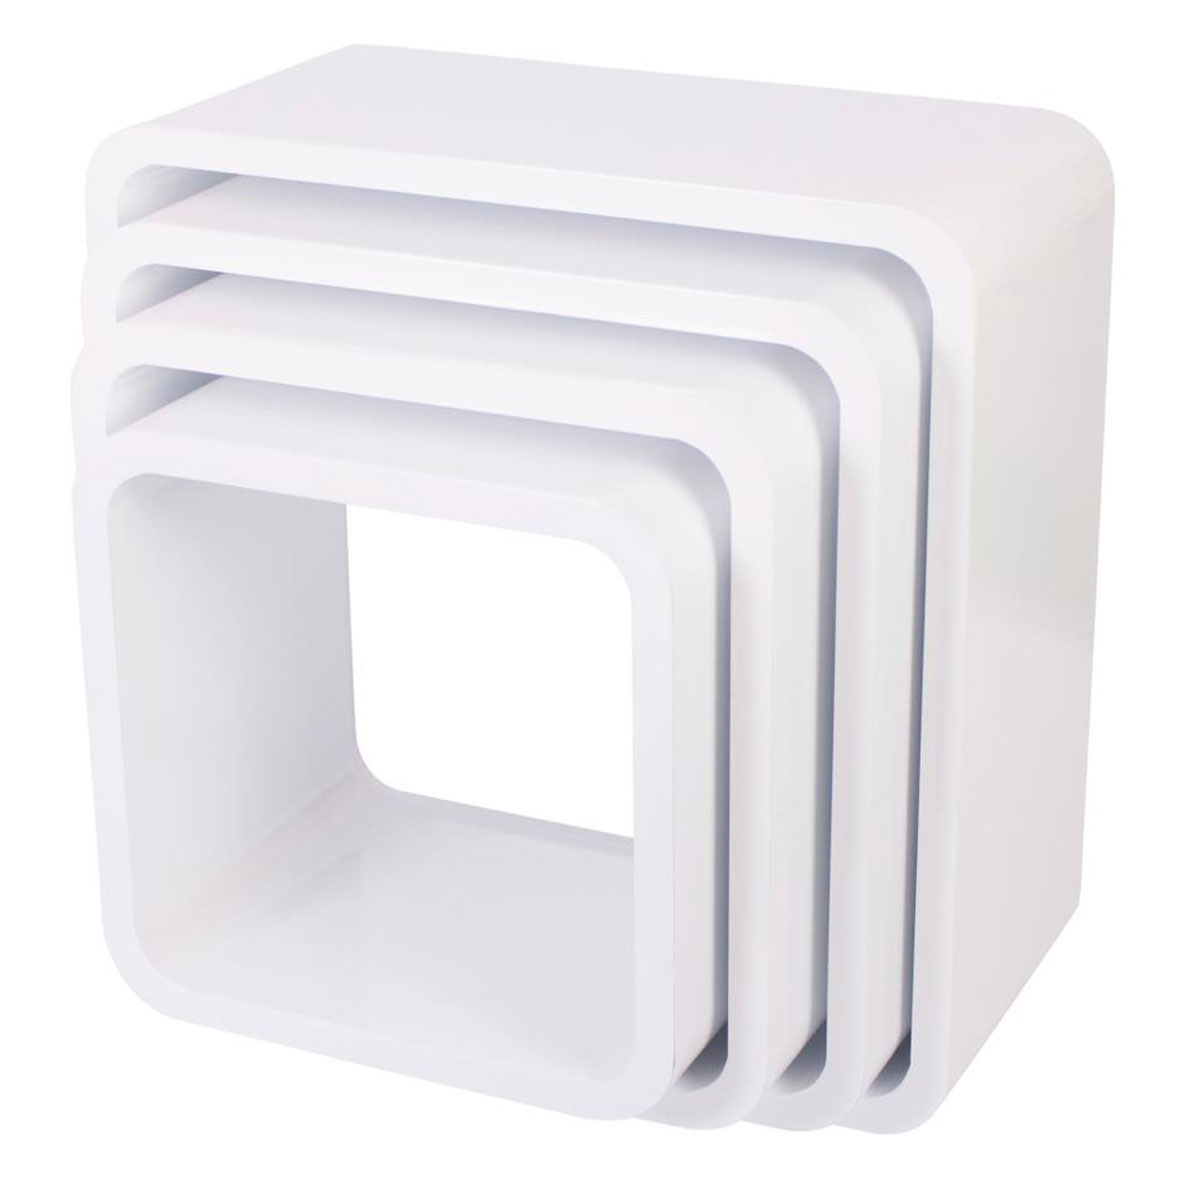 Full Size of Sebra Cube Regale Küche Modern Weiss Leiter Regal Gebrauchte Schmales Cd Buche Weis Für Getränkekisten Bücher Werkstatt Schreibtisch Metall 40 Cm Breit Regal Regal Weis